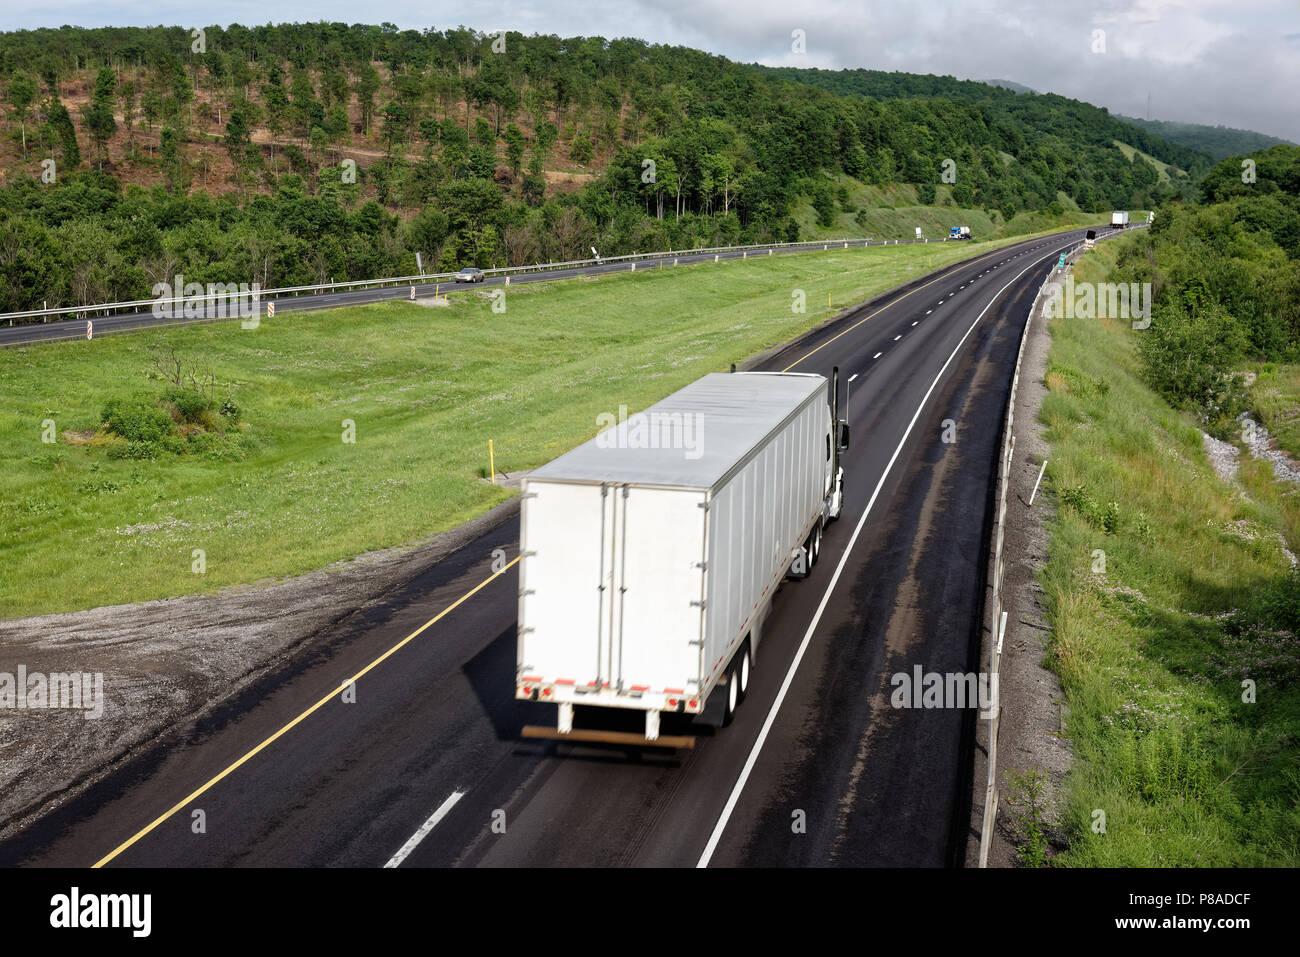 Camiones que circulaban por la carretera interestatal a través de pintorescas montañas orientales, tráileres en la industria de camiones transportando mercancías, el desenfoque. Foto de stock